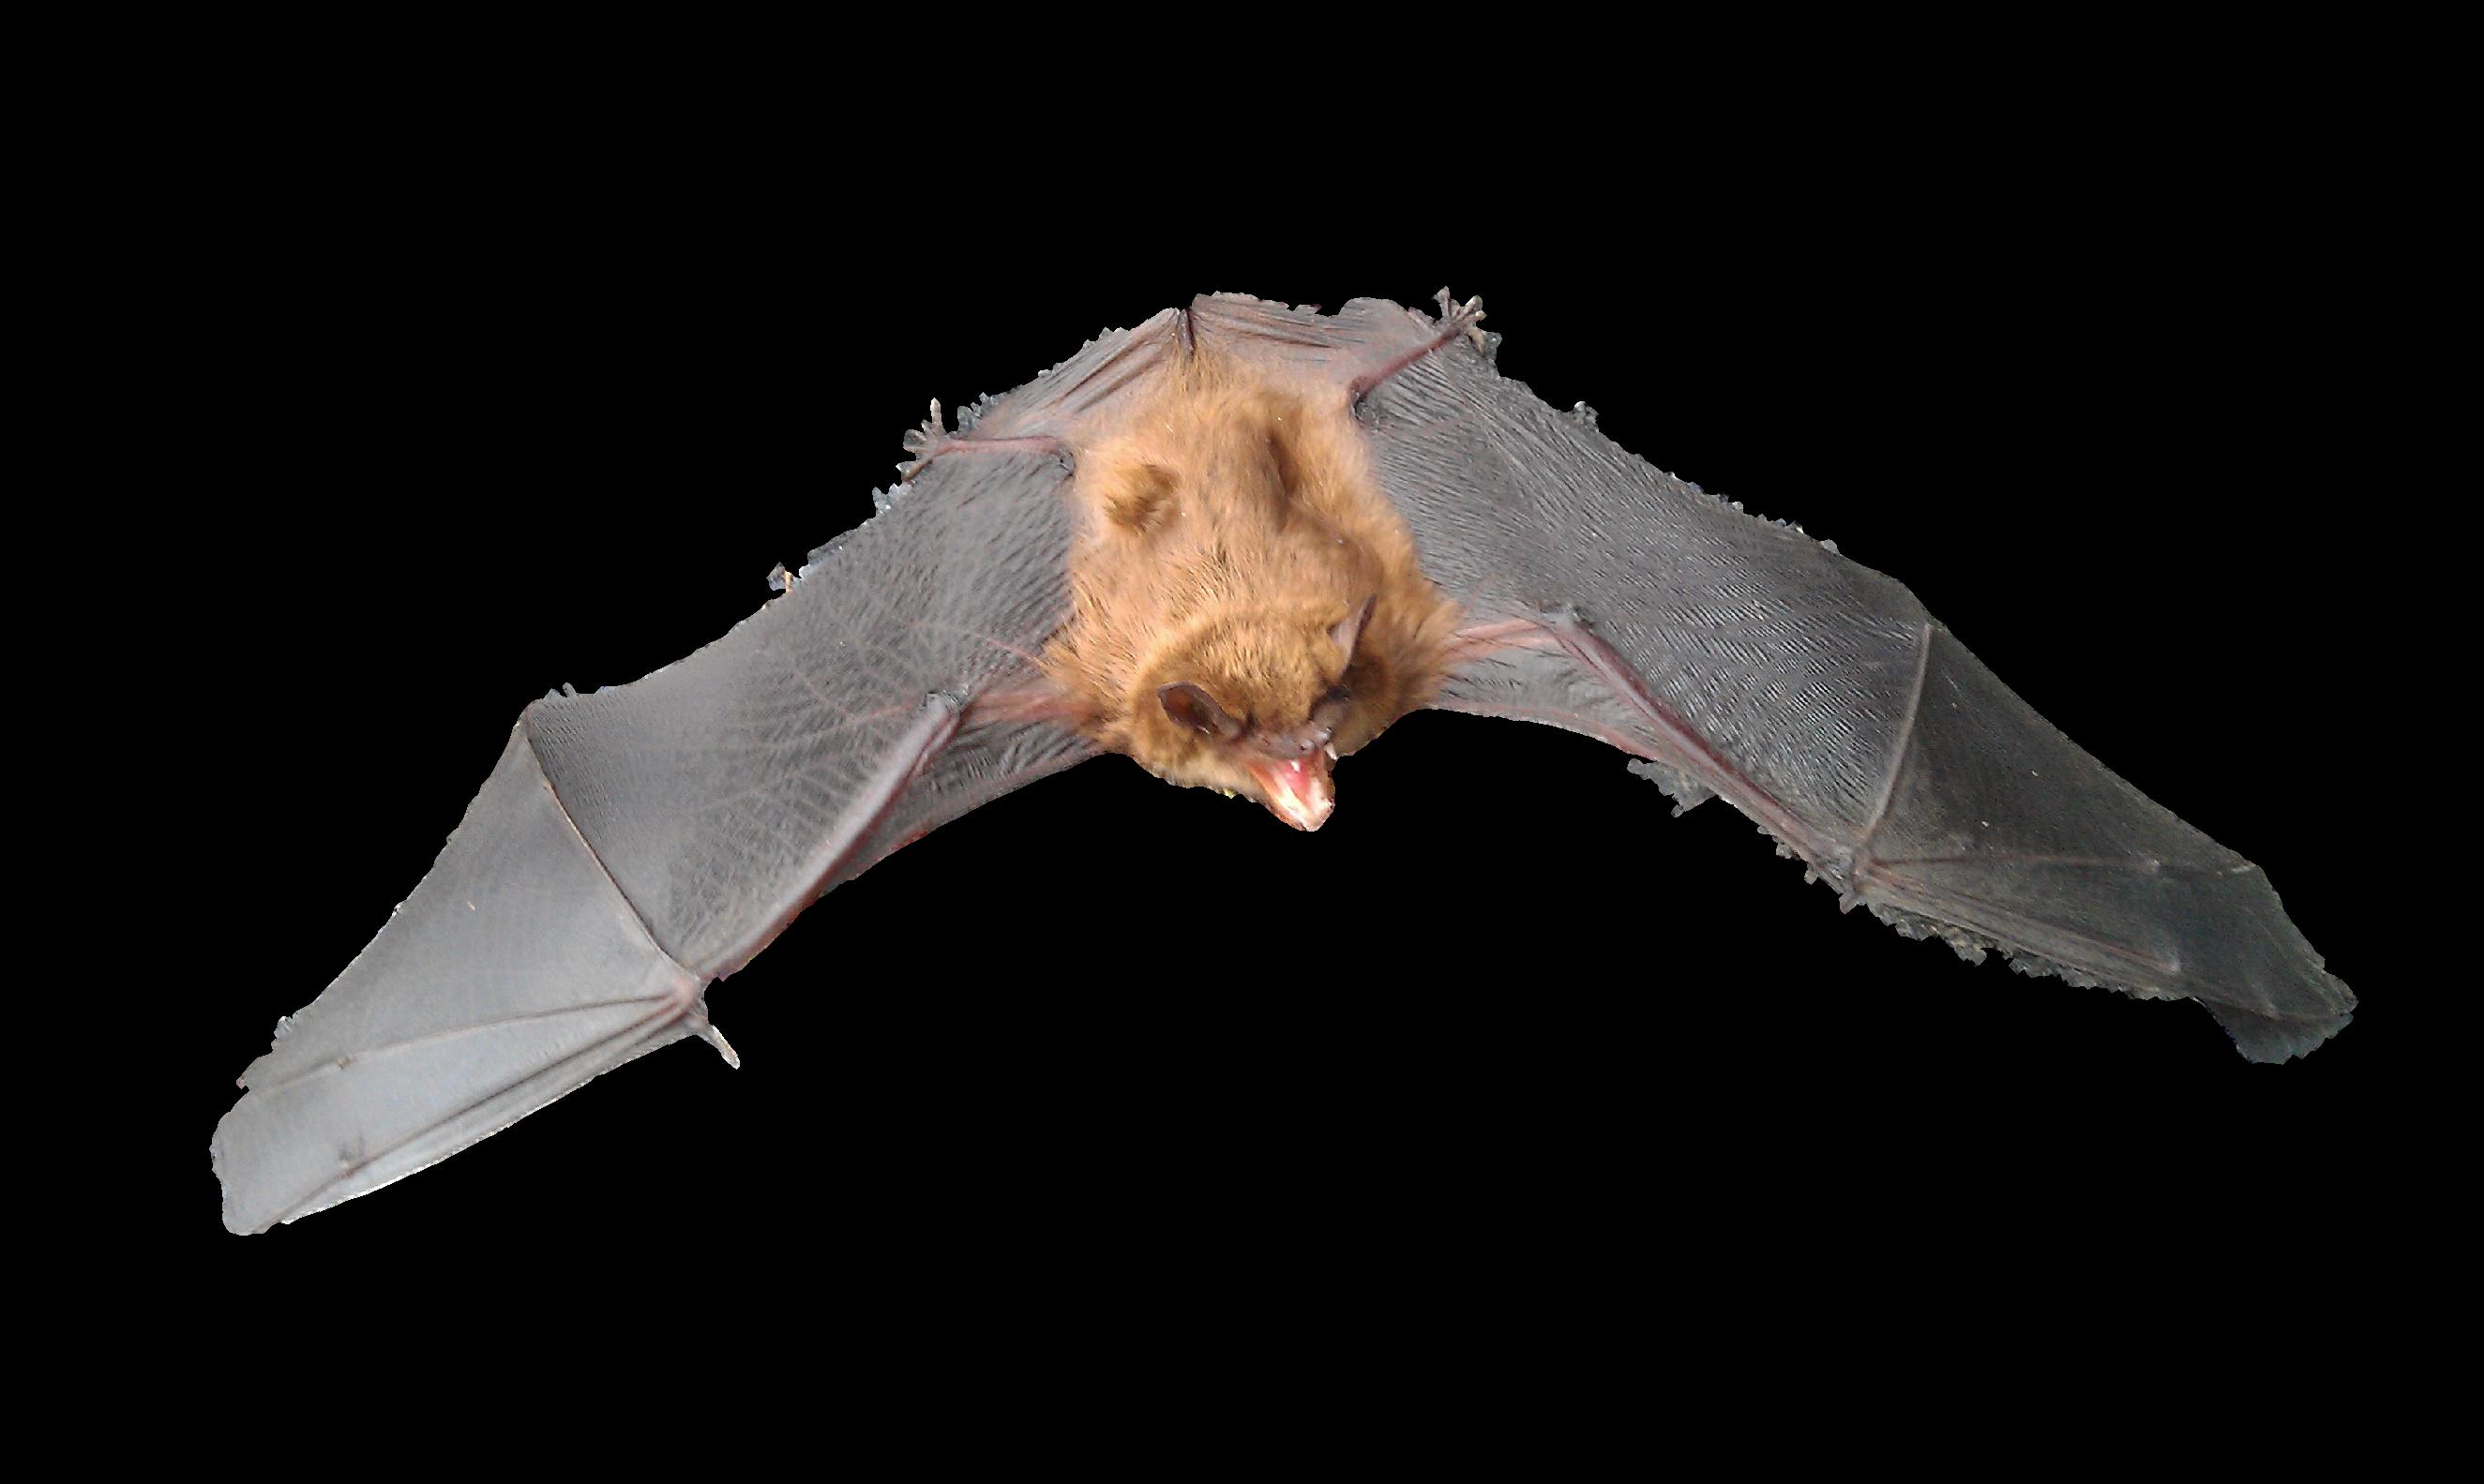 Bat Removal Company Rochester Michigan